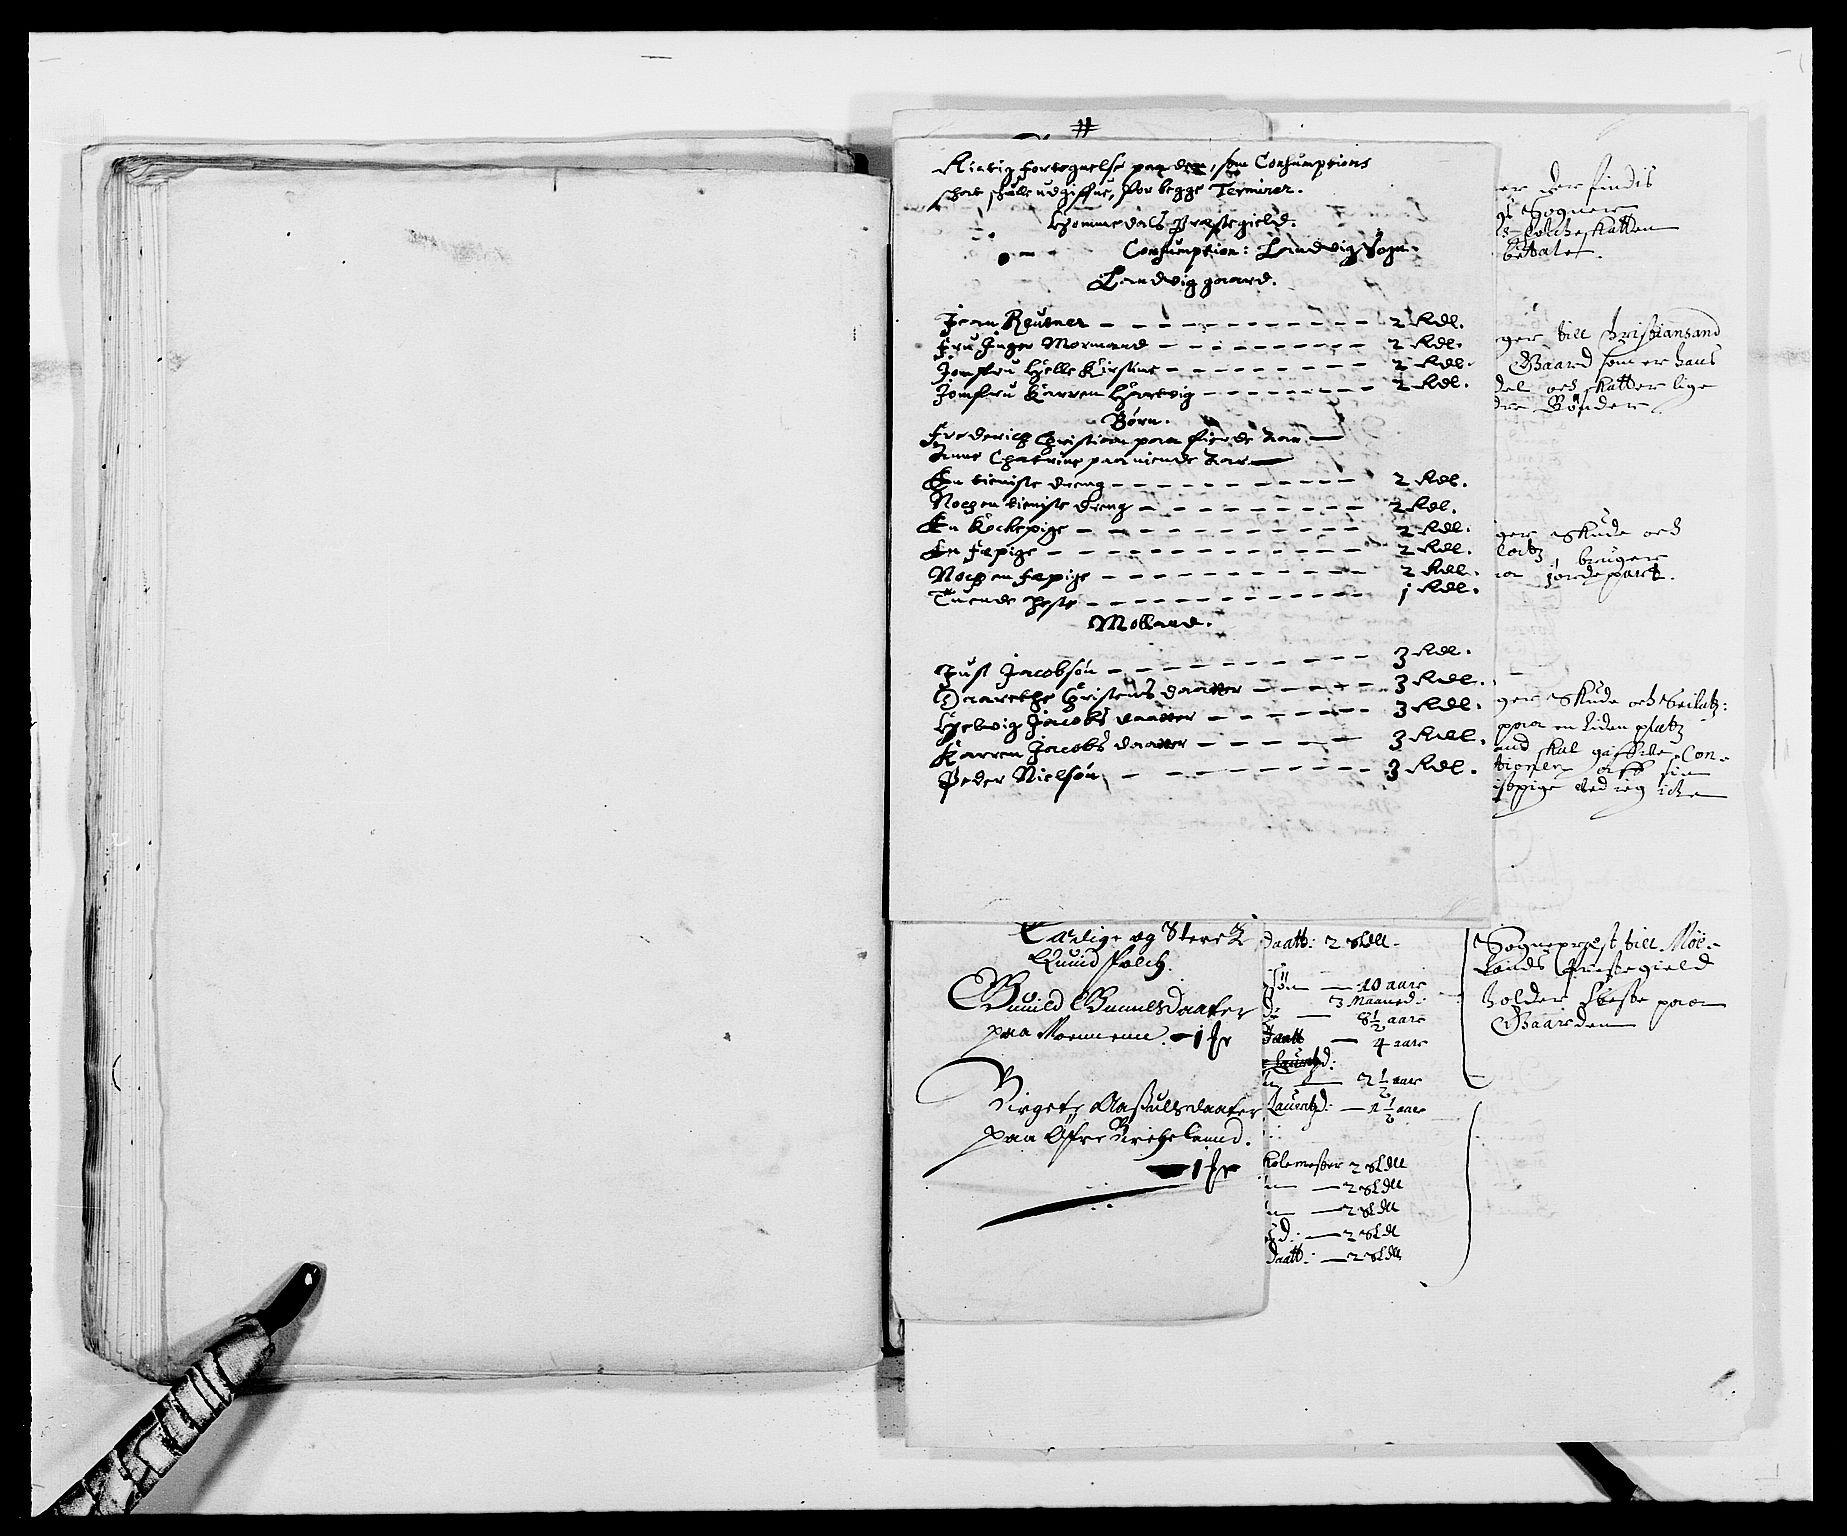 RA, Rentekammeret inntil 1814, Reviderte regnskaper, Fogderegnskap, R39/L2304: Fogderegnskap Nedenes, 1680-1682, s. 351